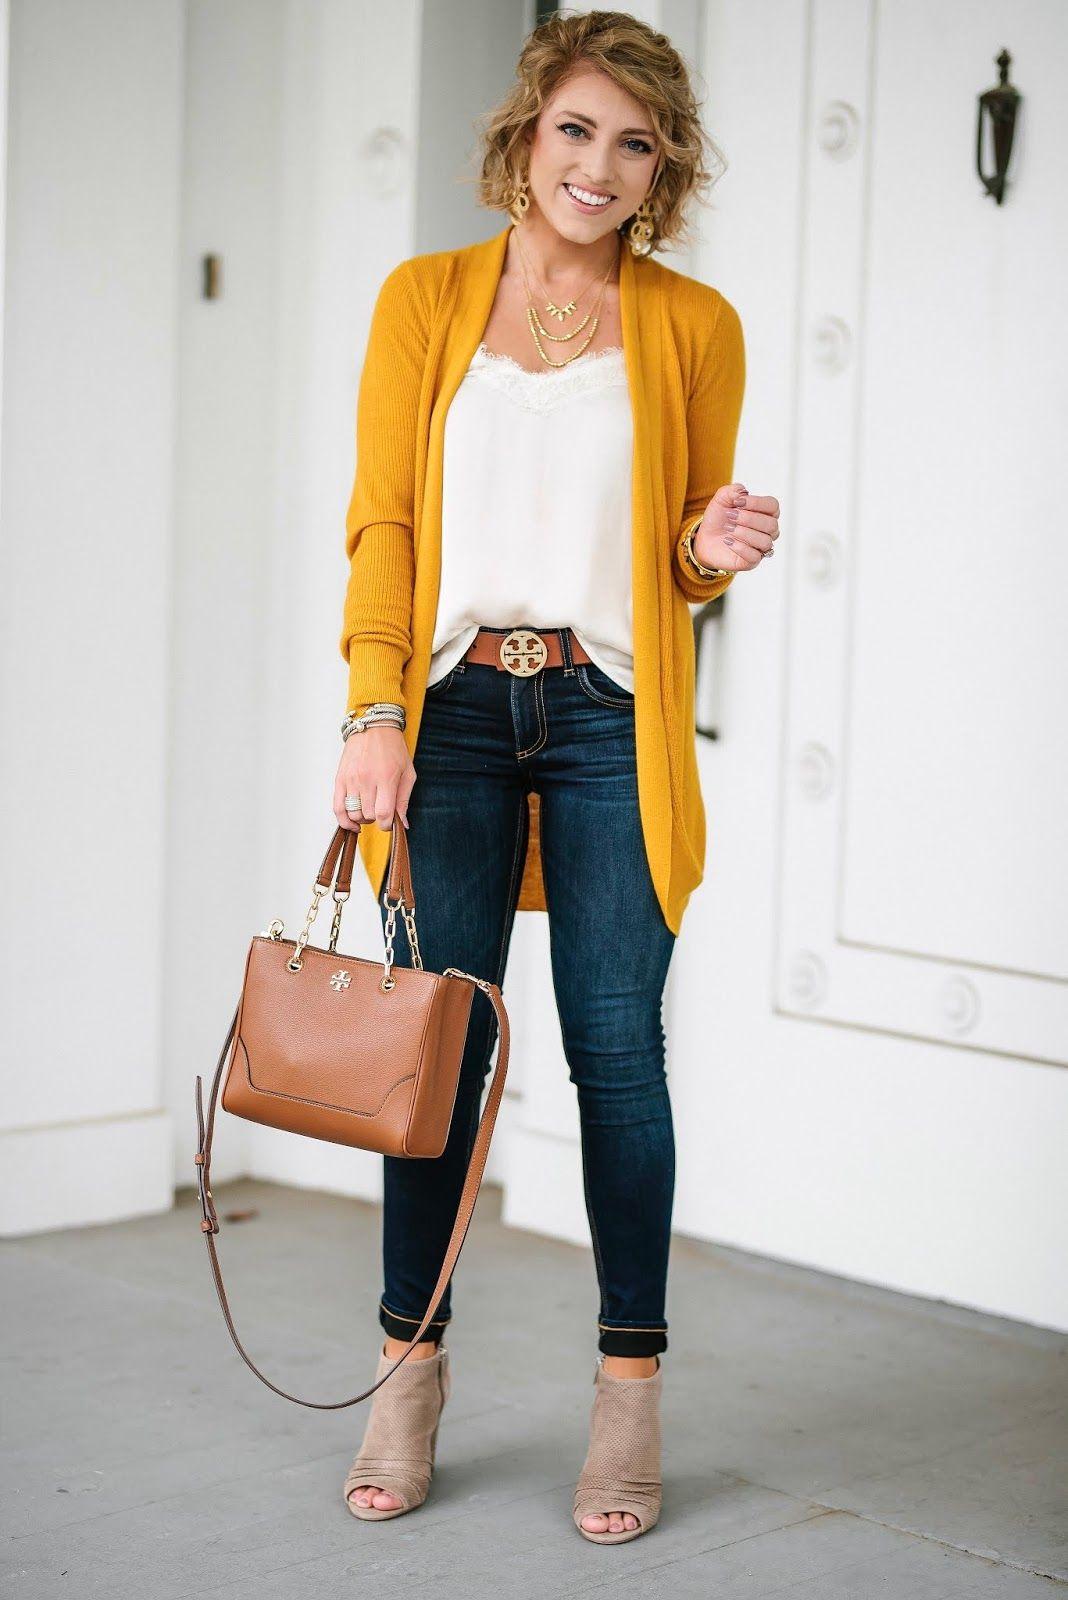 gama muy codiciada de atesorar como una mercancía rara mejor amado Under $30 Mustard Yellow Cardigan - Target Style ...